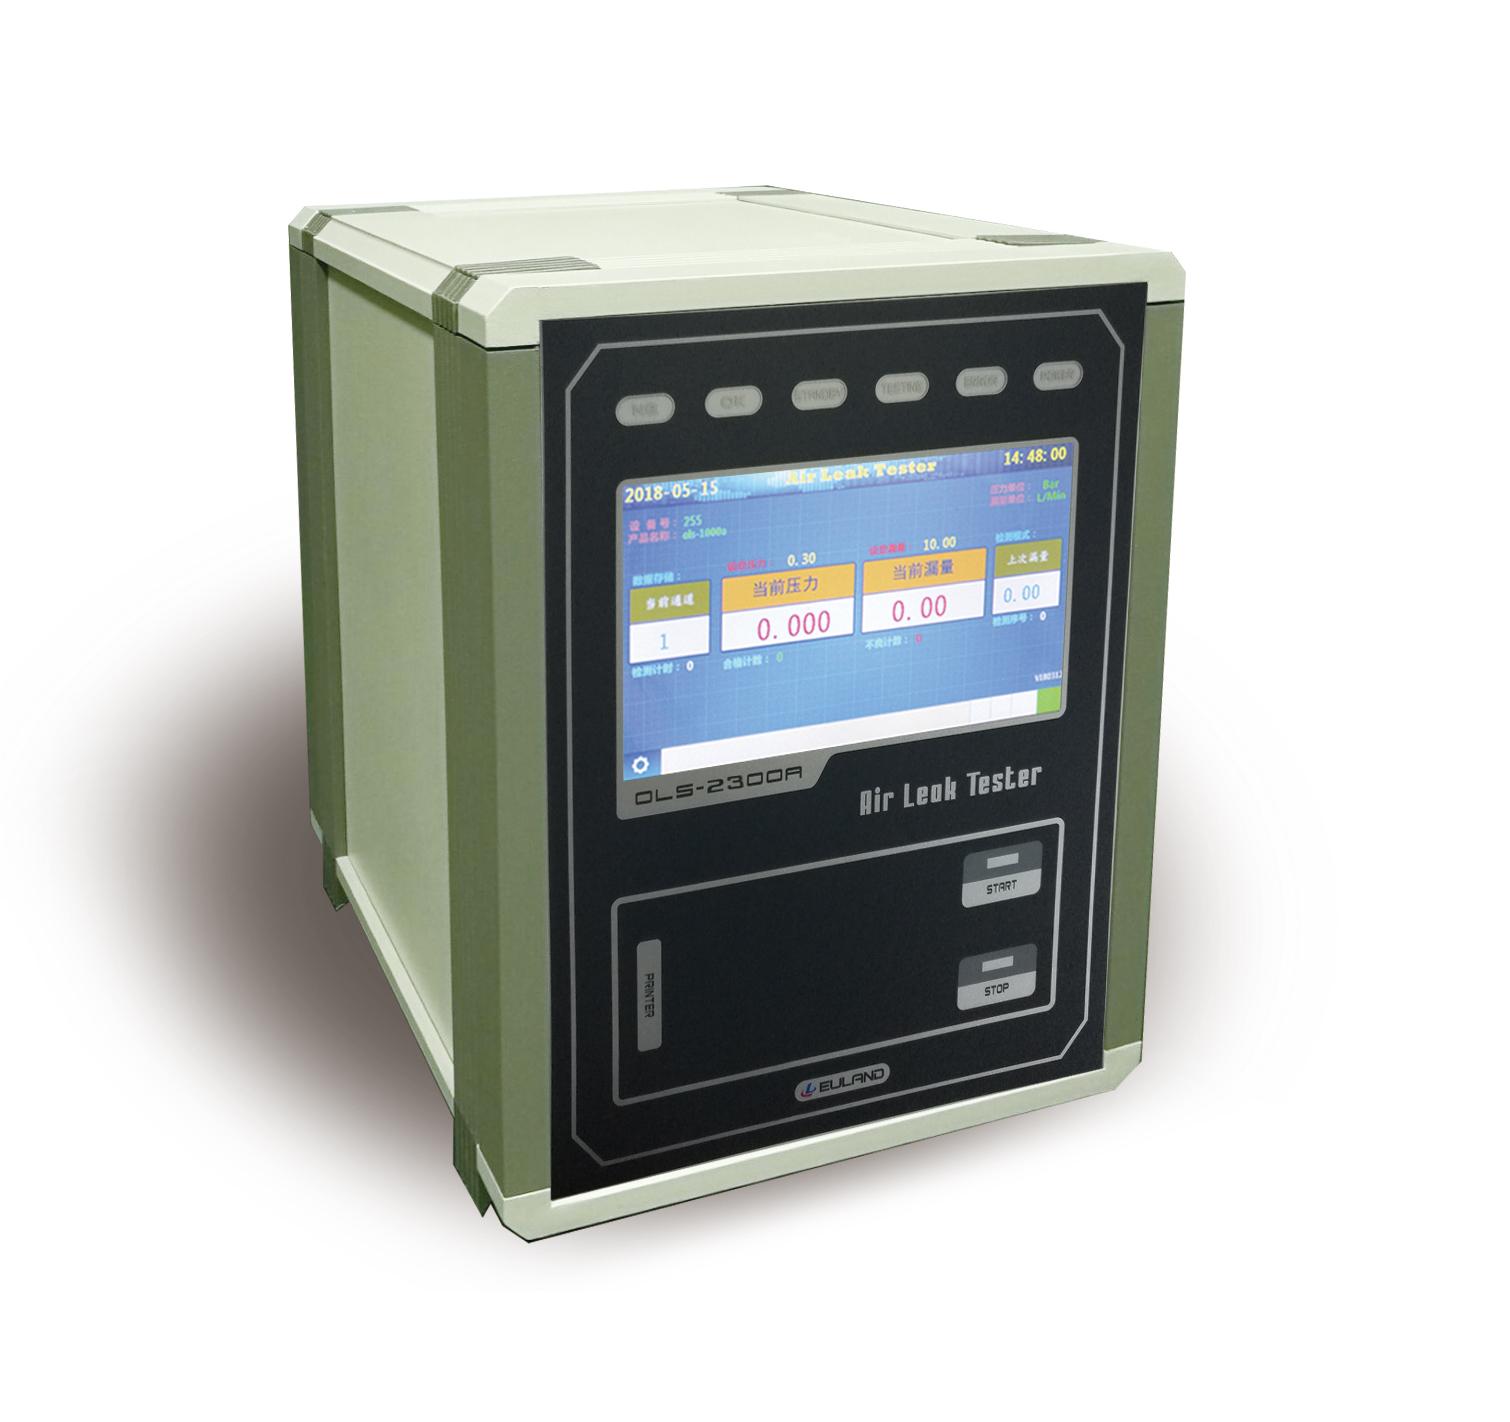 OLS-2300A